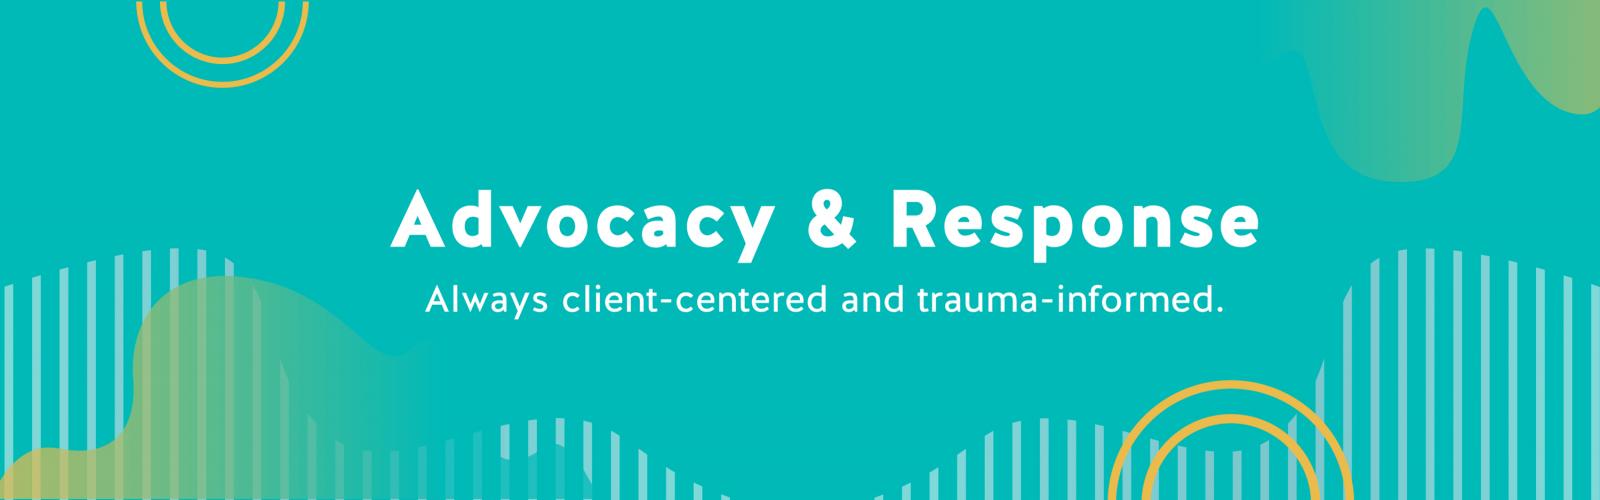 Advocacy & Response